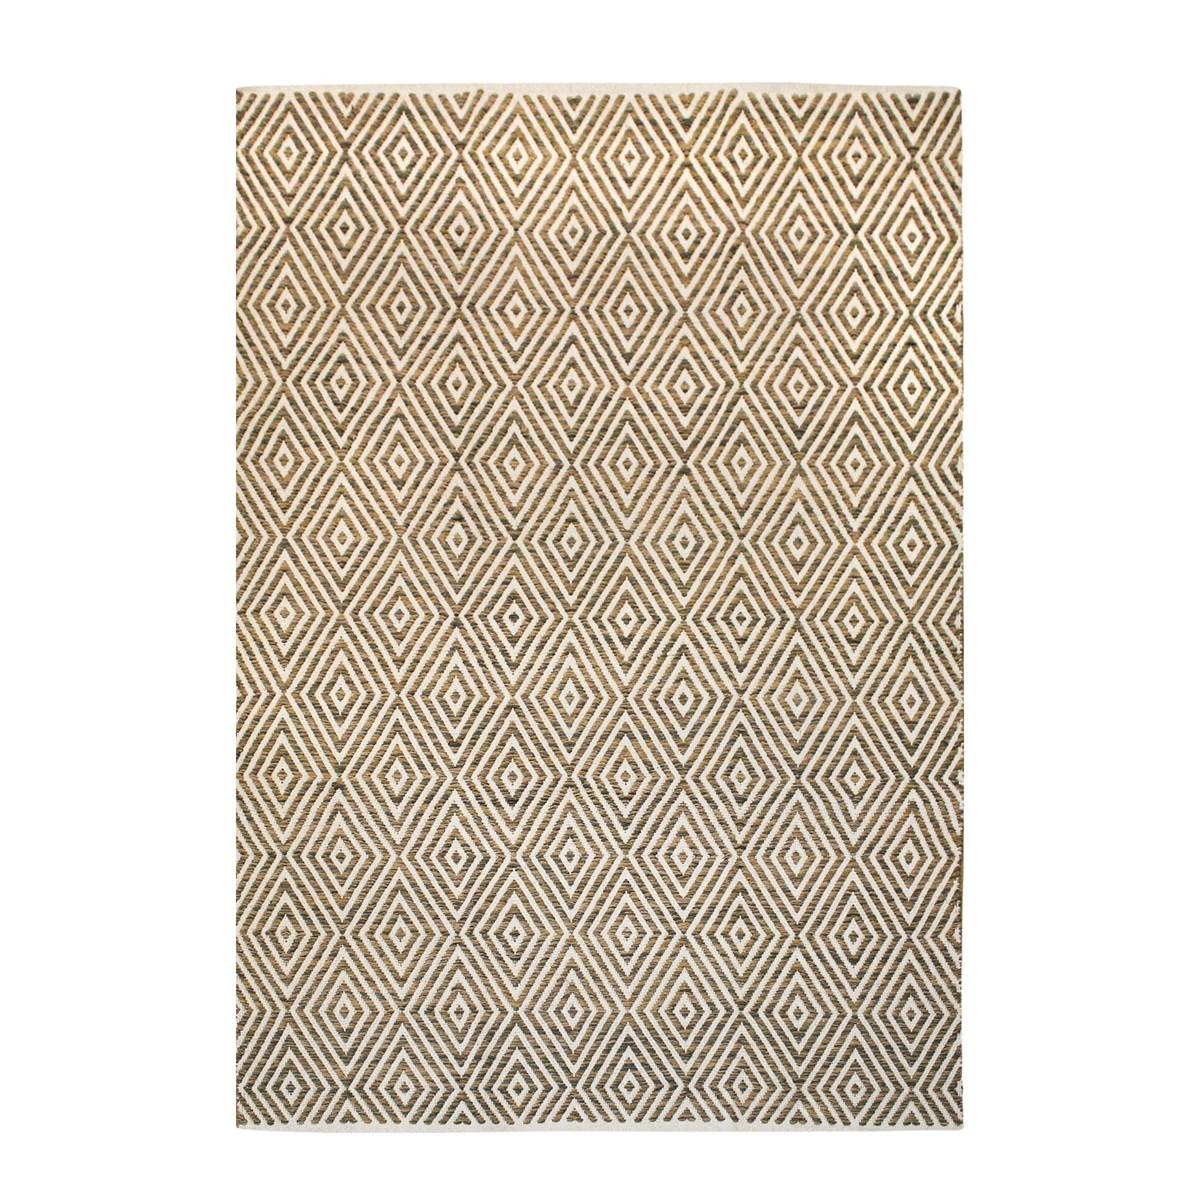 Tapis design en Coton Beige 80x150 cm